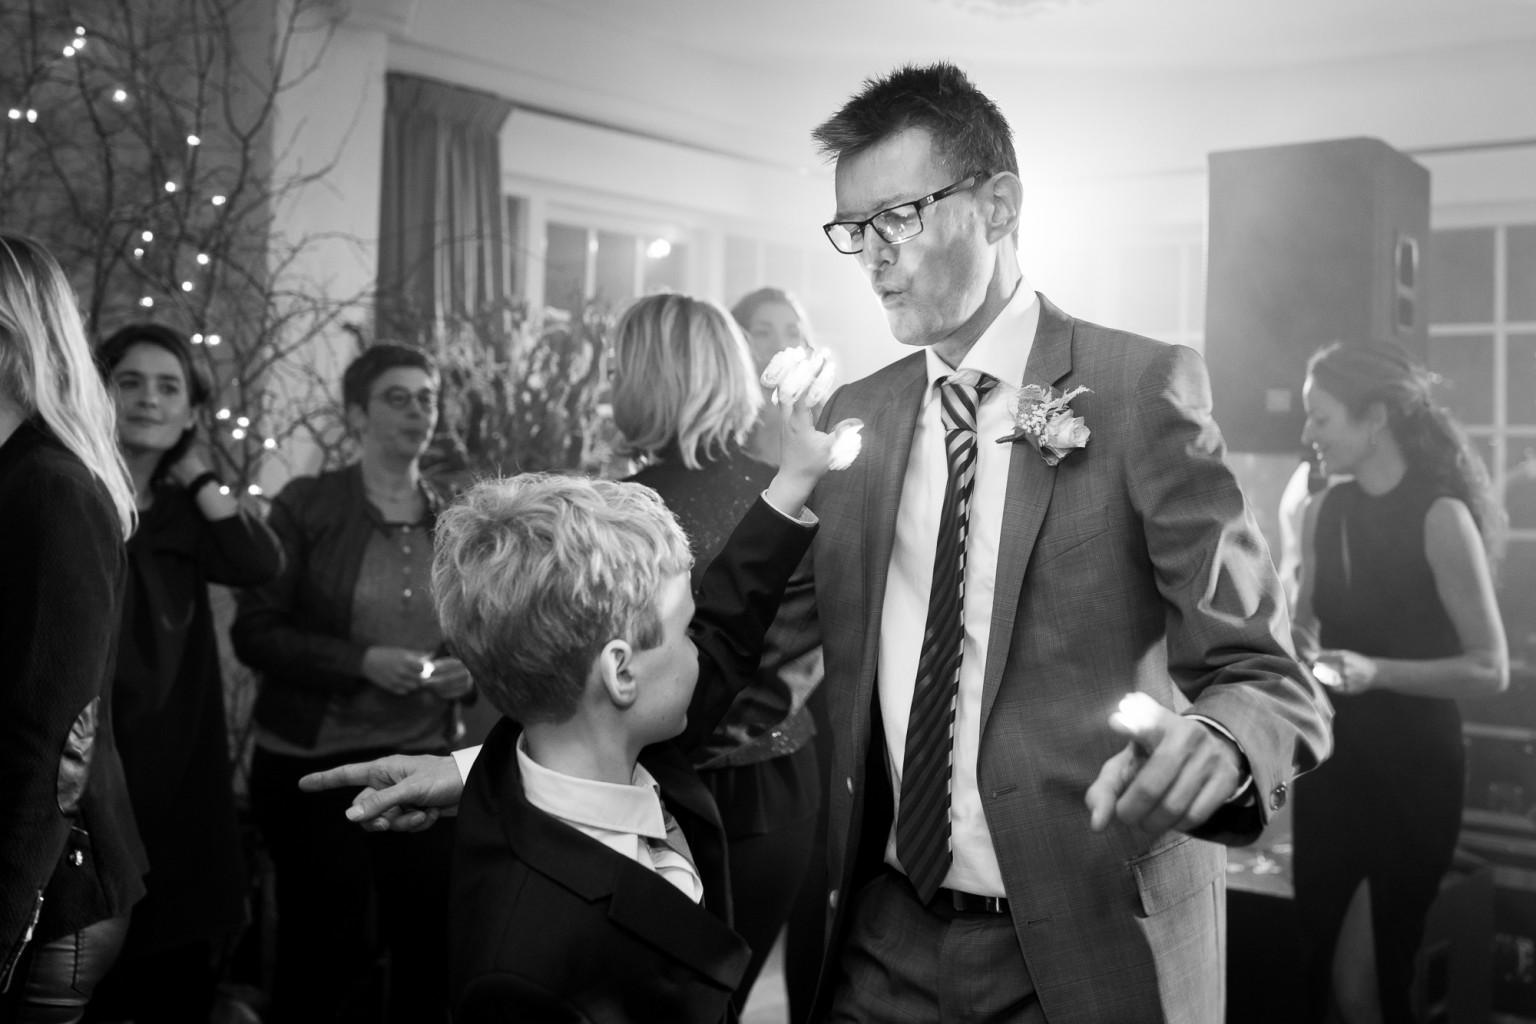 Feestfoto's op je bruiloft door trouwfotograaf Peter Lammers